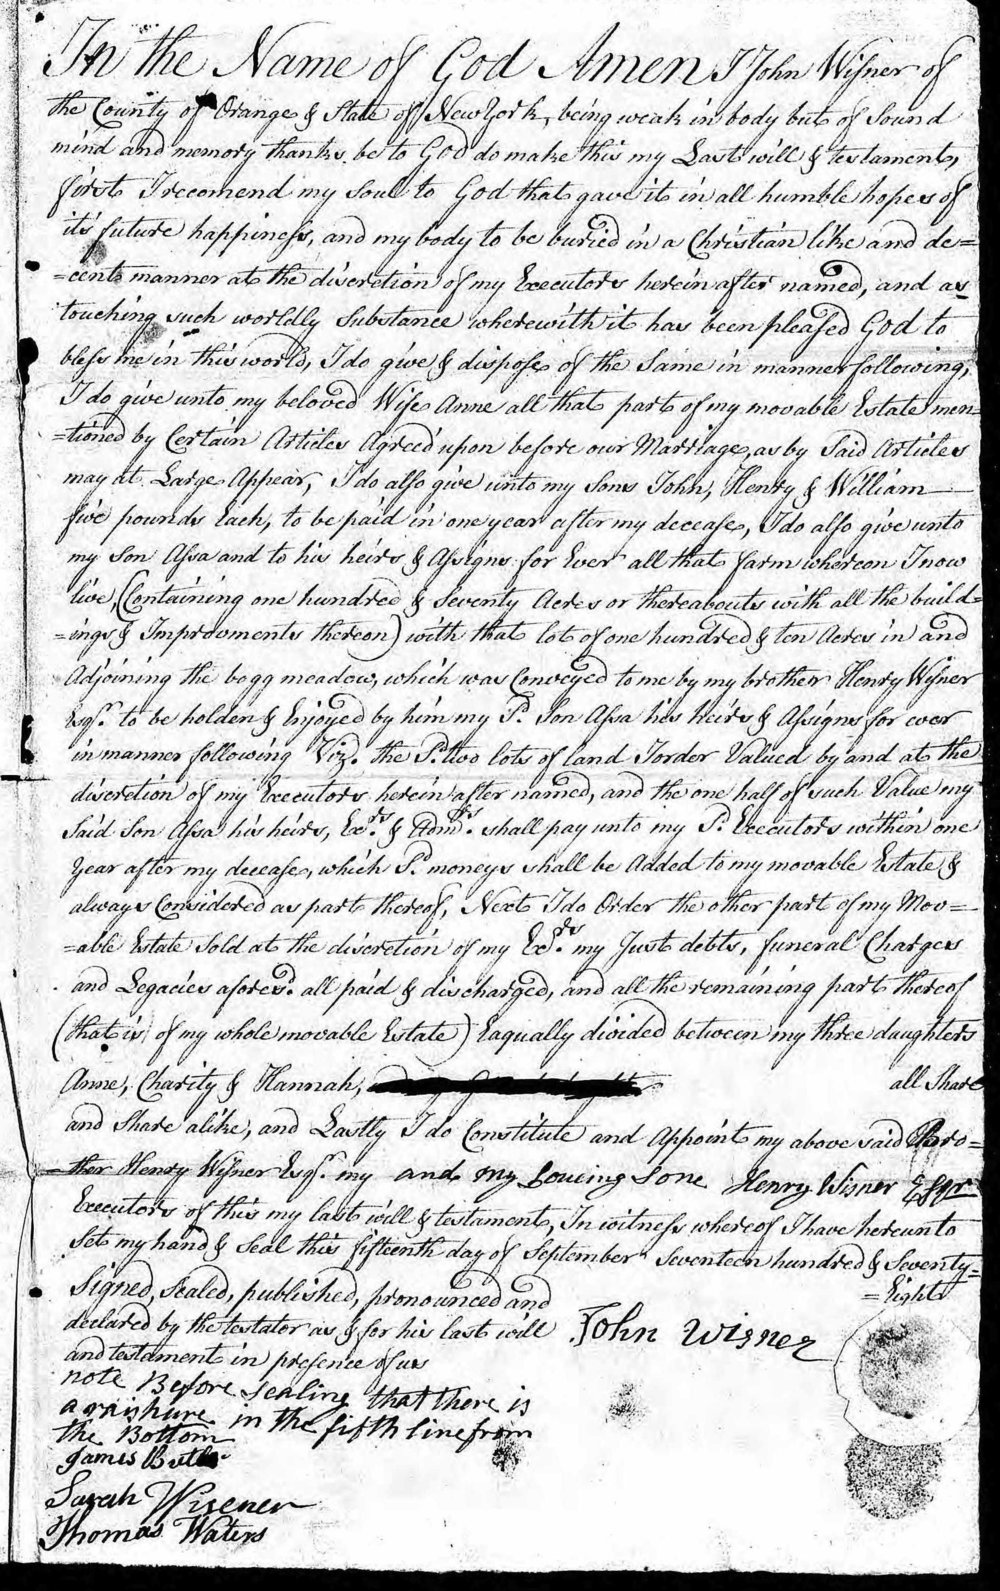 Surrogate's Court, Albany, New York  .    Probate Record for   John Wisner. 15 Sep. 1778.